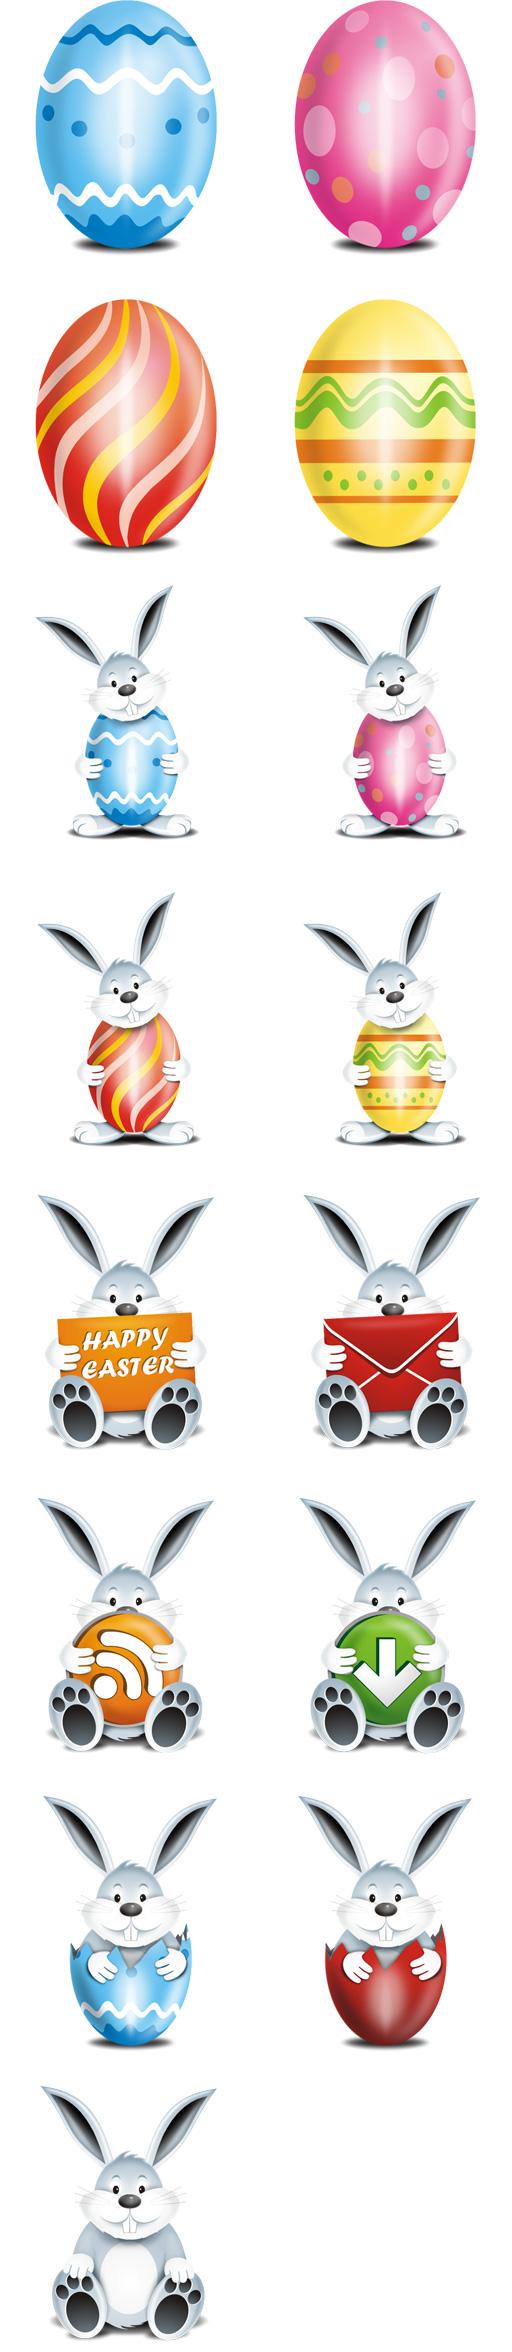 Icono de huevo de conejos, Pascua,